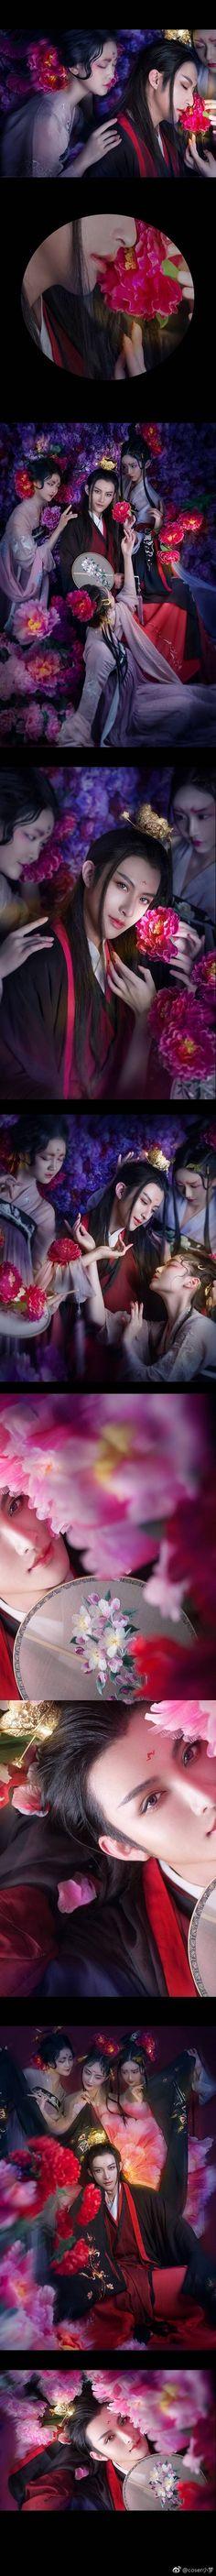 — Phù Ảnh Lưu Hoa — Âu Dương Tu – Nam thần hoa mẫu đơn, Mẫu đơn kỳ thiện lạc đô xuân, bách hủy thiên hoa lãng cưu phân Quốc sắc tiên minh thư nộn kiểm, tiên quán trọng điệp tiễn hồng vân Cose…